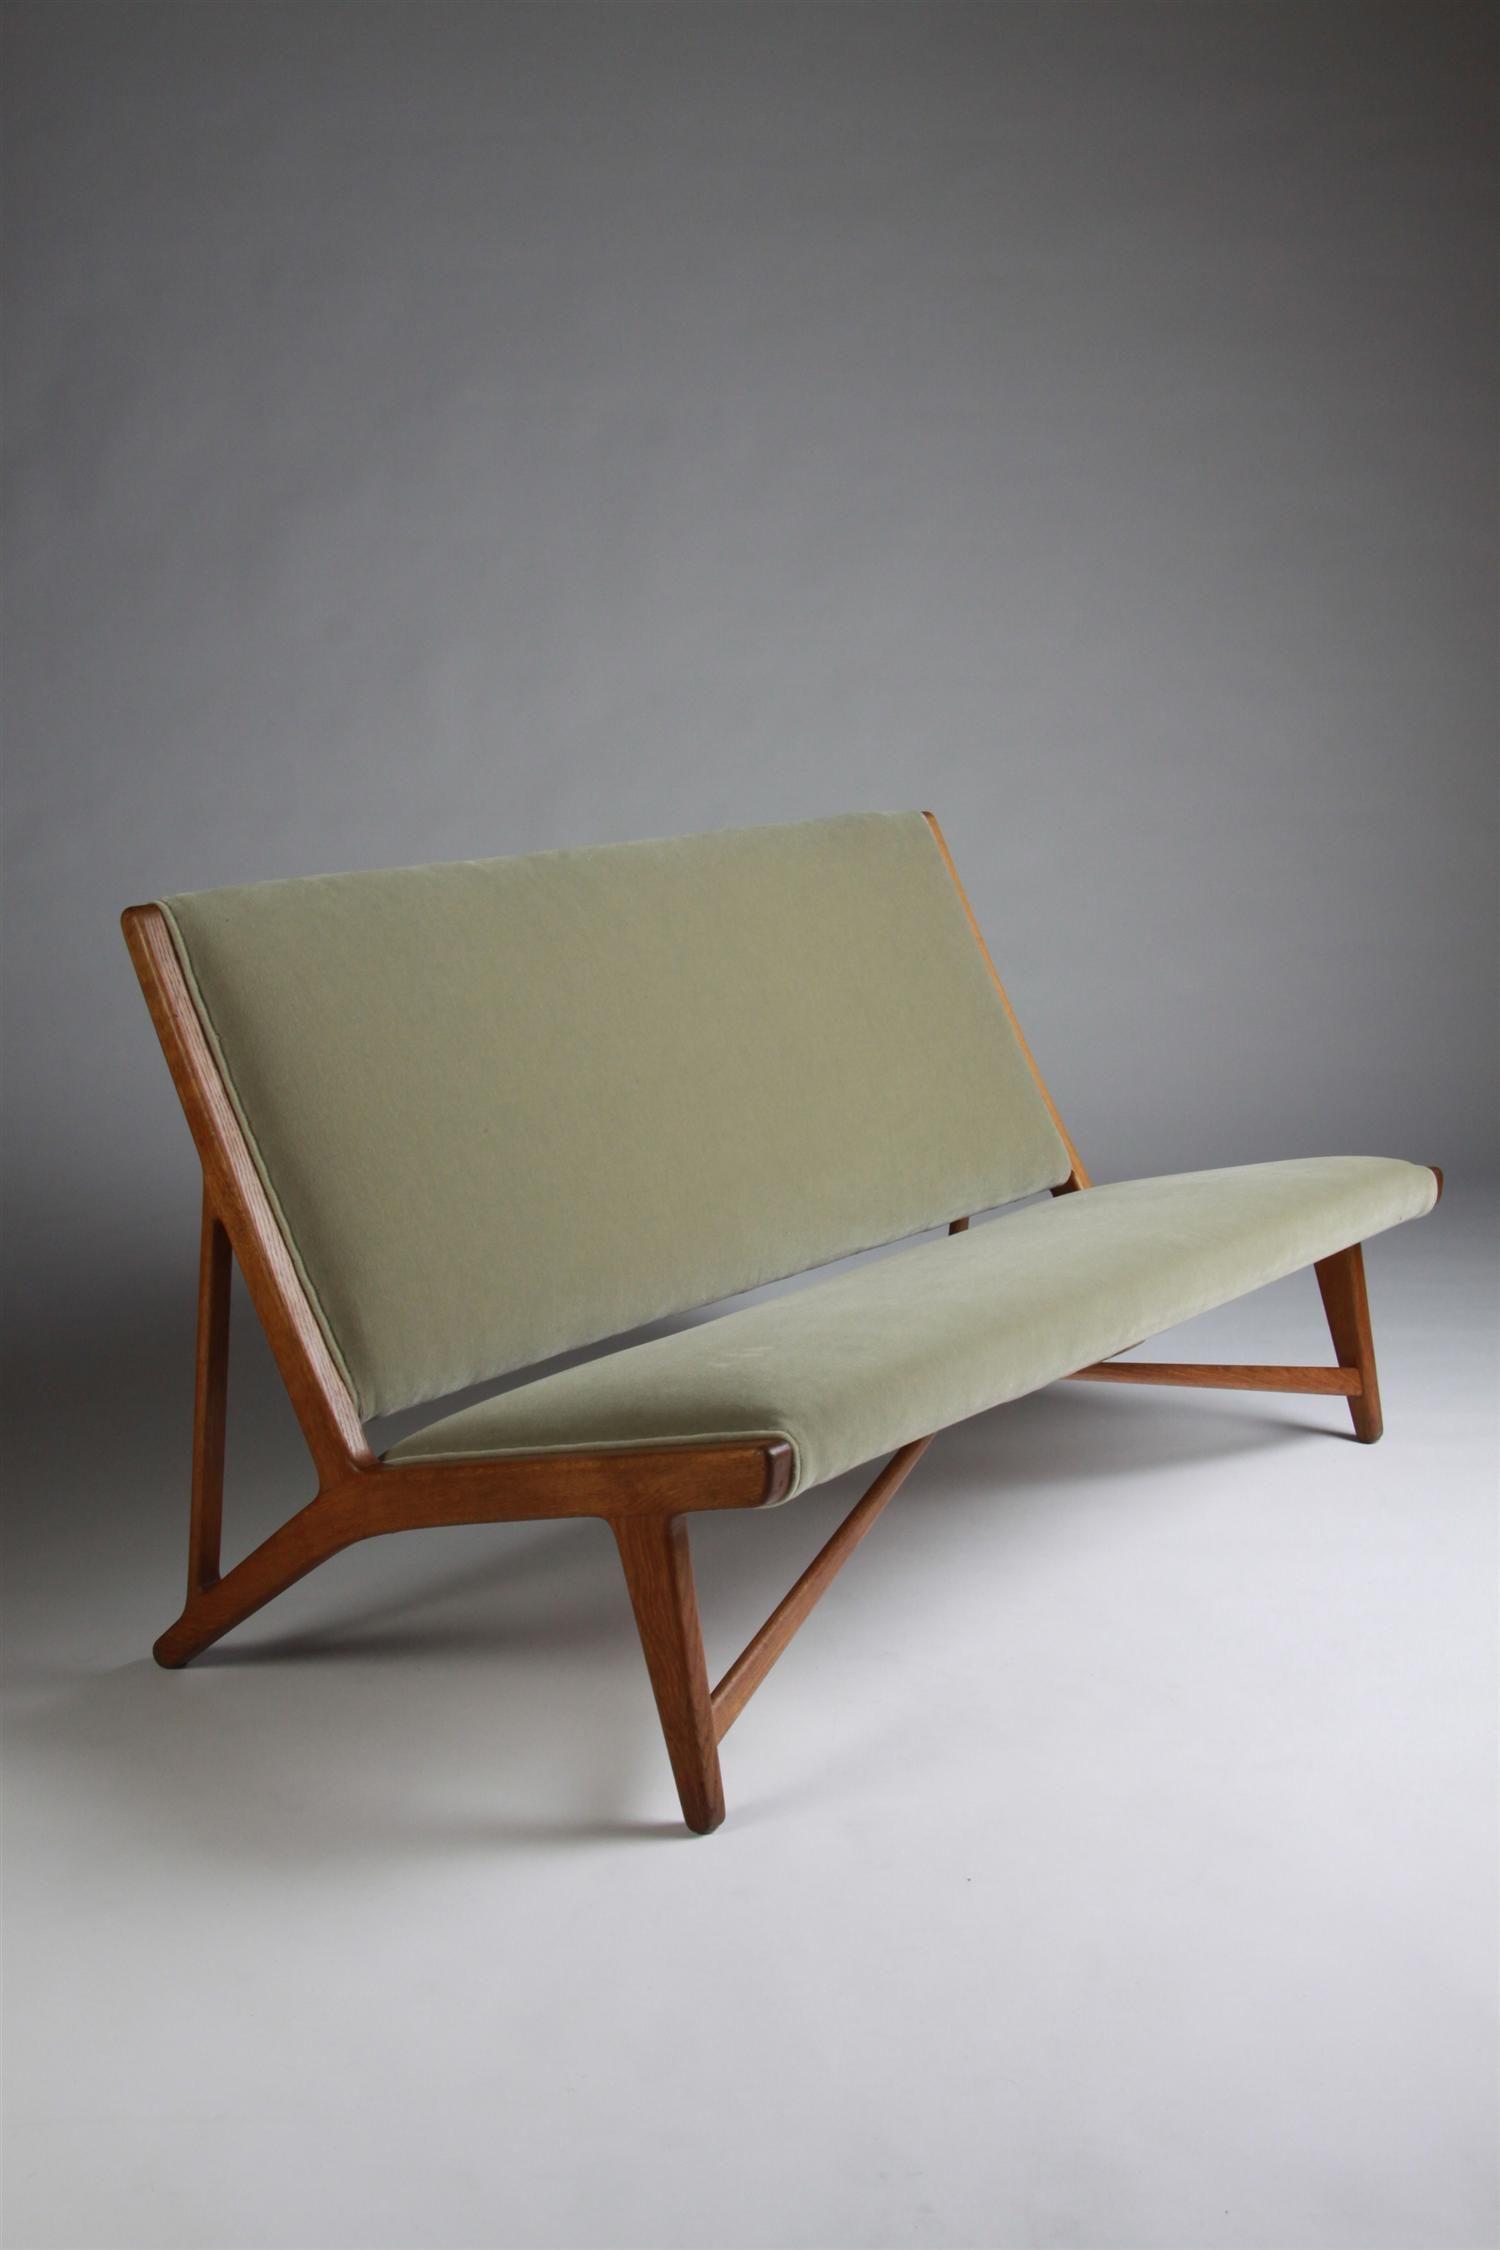 Sofa Designed By Hans Wegner For Johannes Hansen Denmark 1950s Retro Furniture Furniture Design Modern Furniture